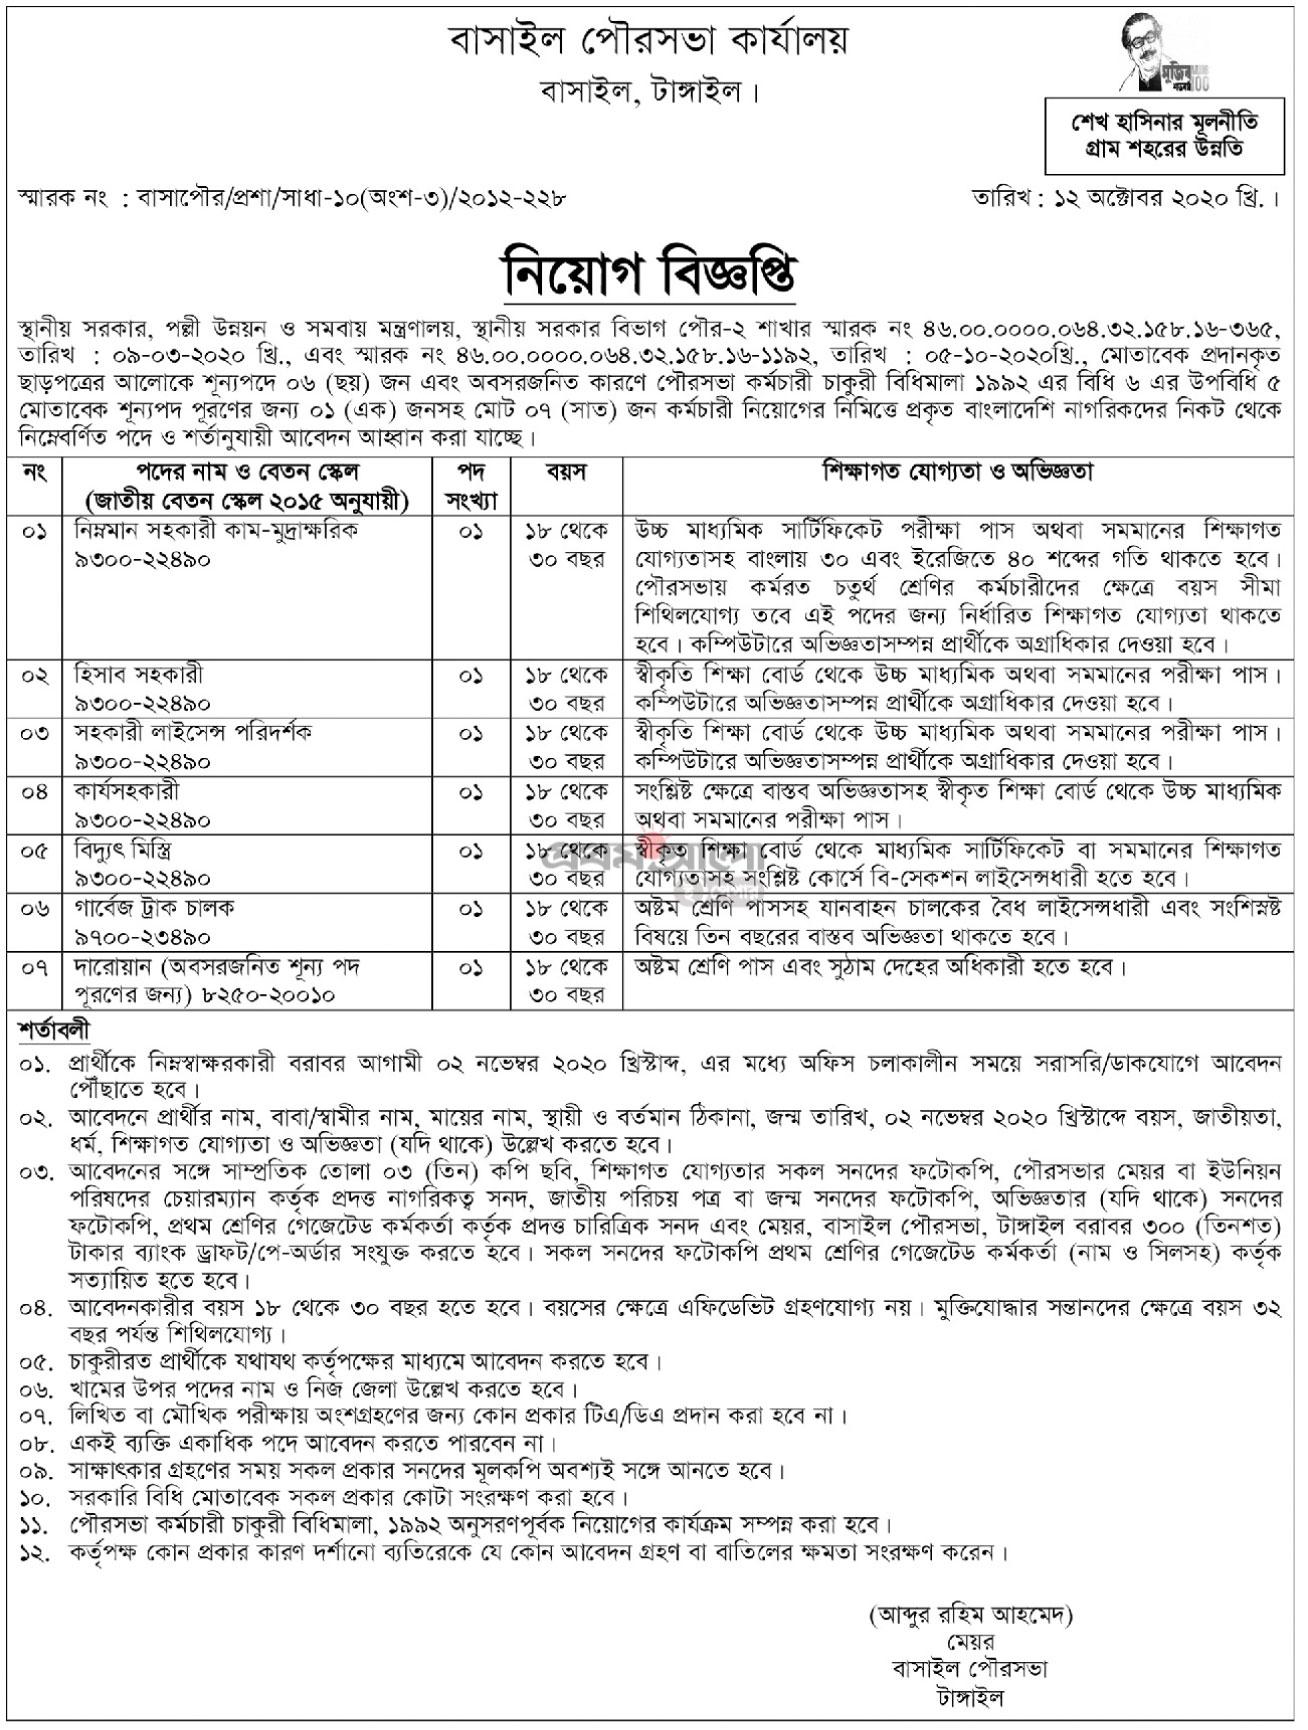 প্রথম আলো চাকরির খবর ২৩ অক্টোবর ২০২০ - Prothom Alo Weekly Job Newspaper 23/10/2020